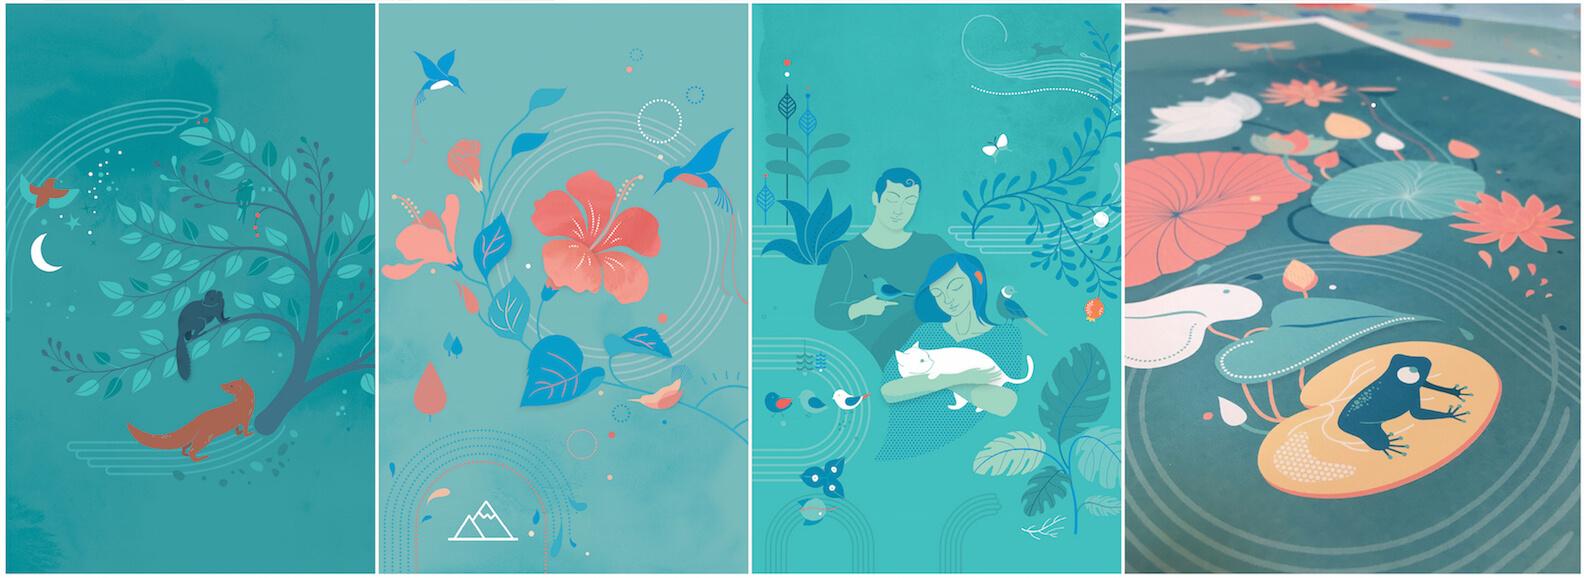 Namaha Illustrations 4b.jpg